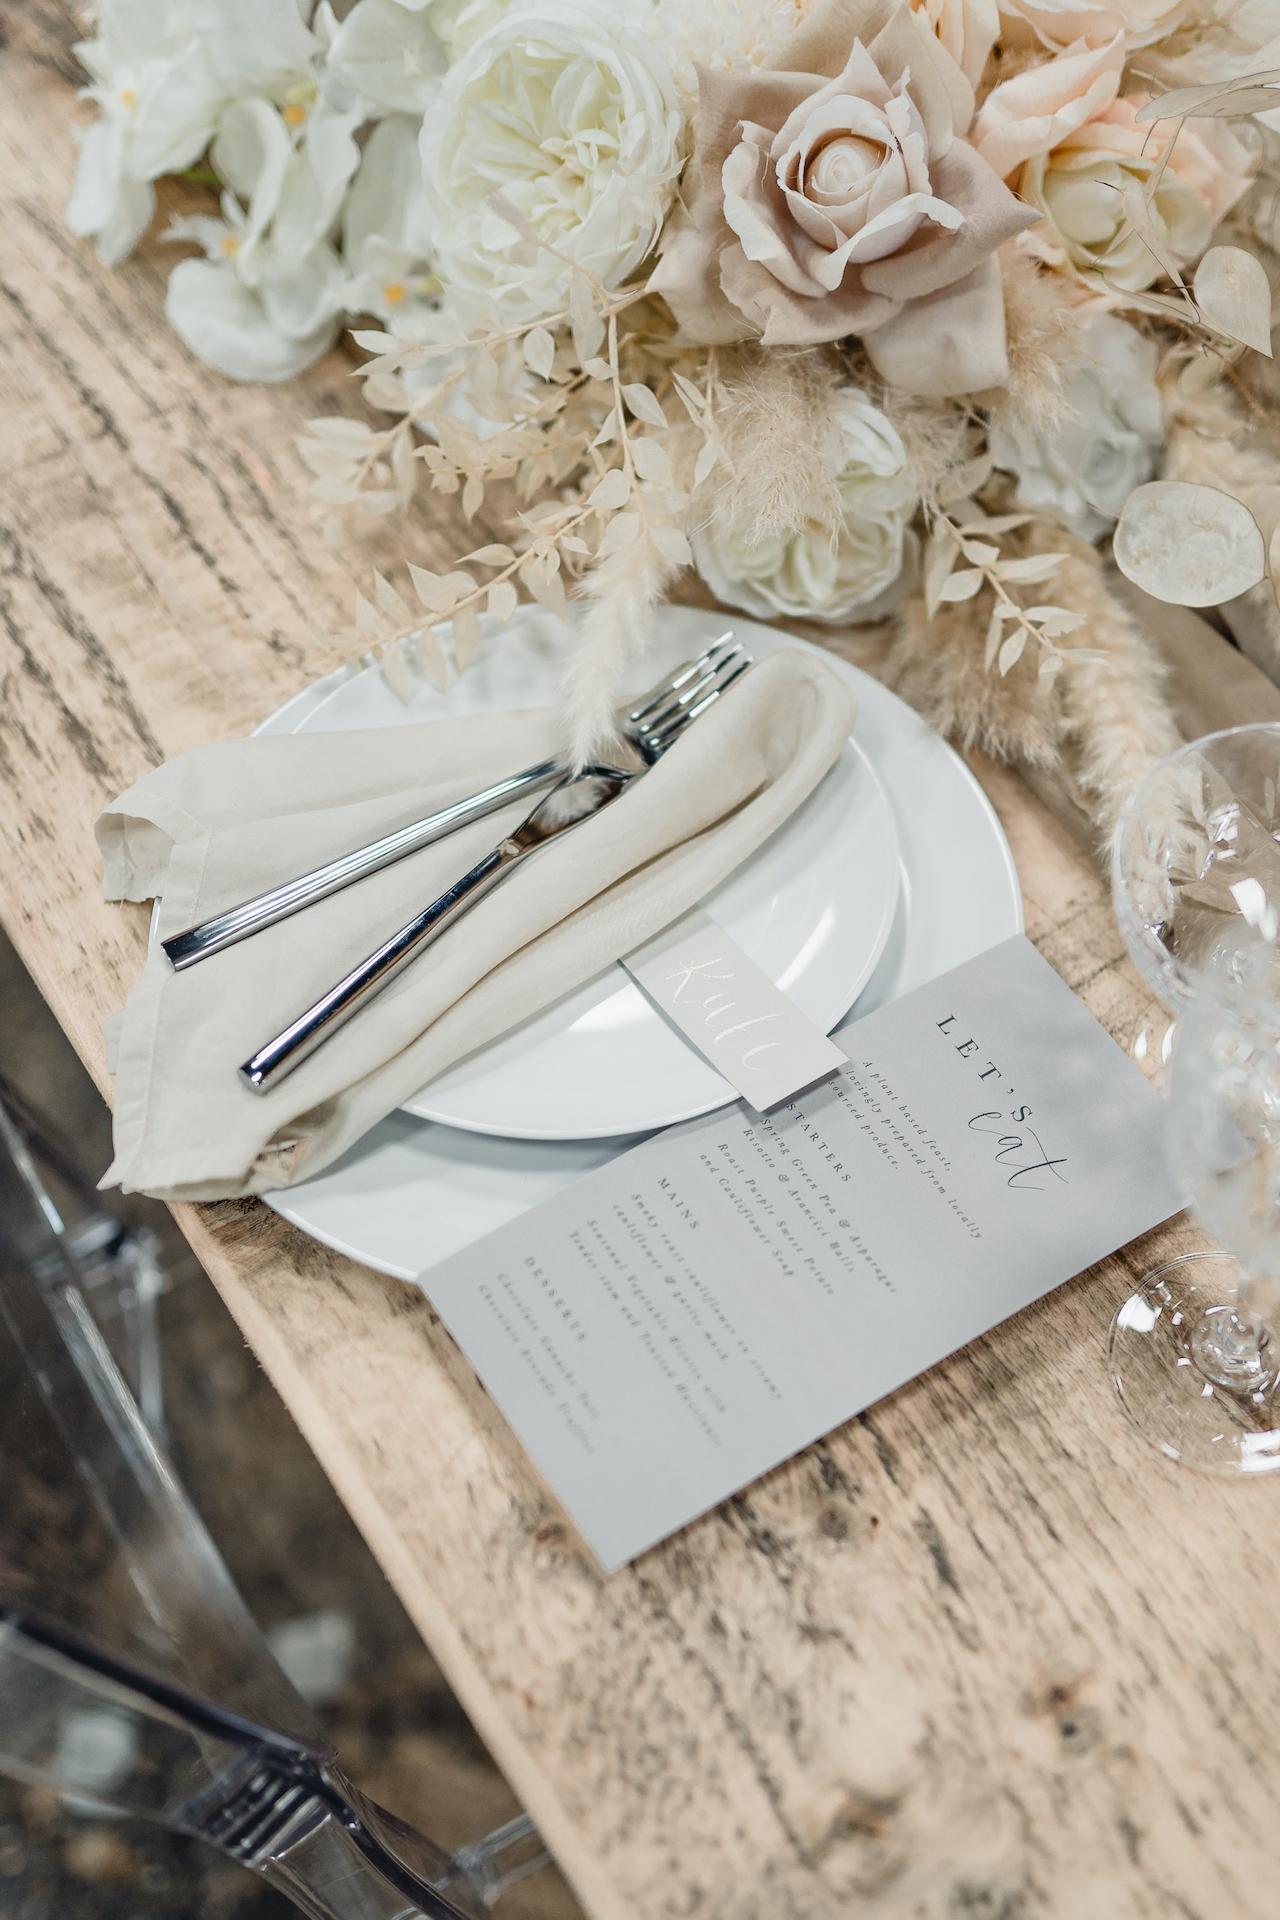 Wedding table styling ideas uk